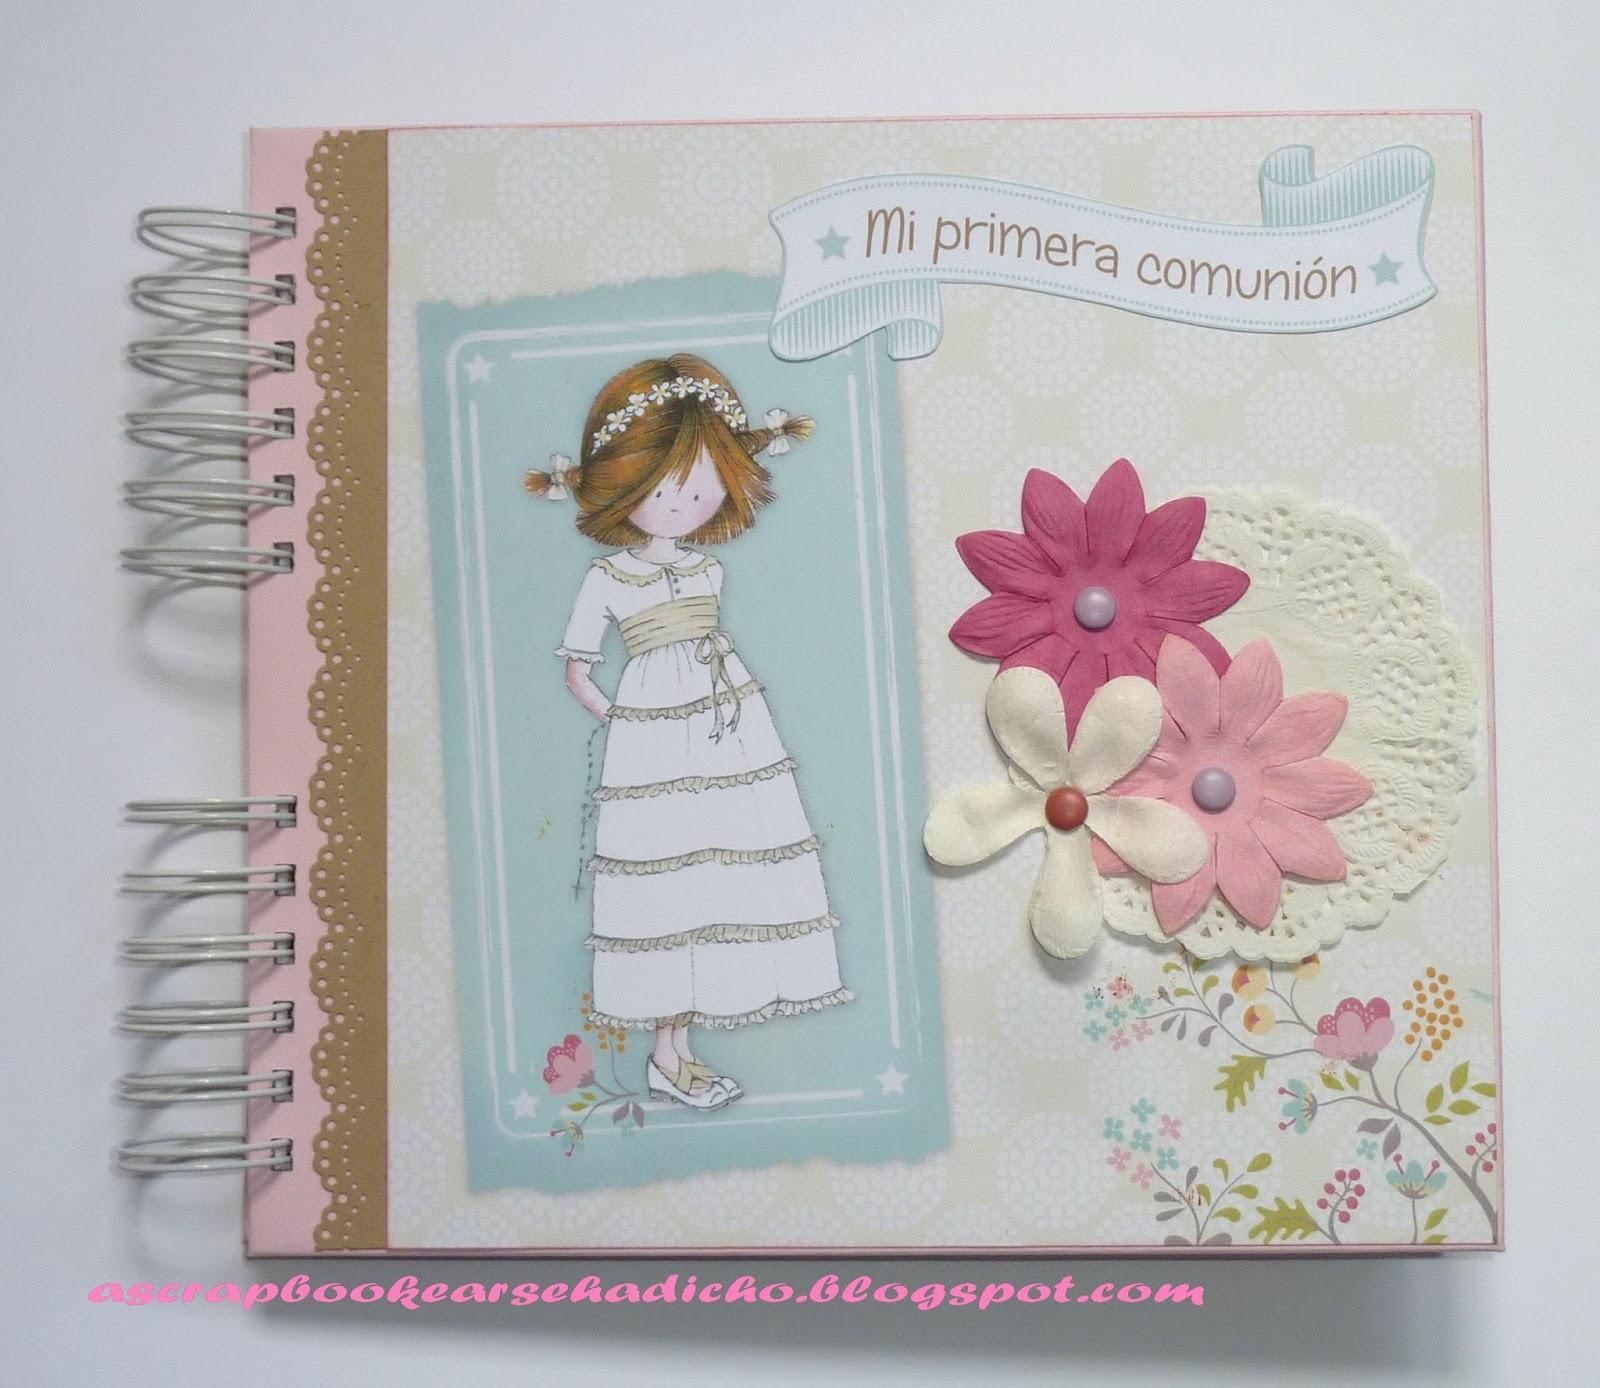 A scrapbookear se ha dicho lbum de comuni n rsula - Papeles para decorar ...